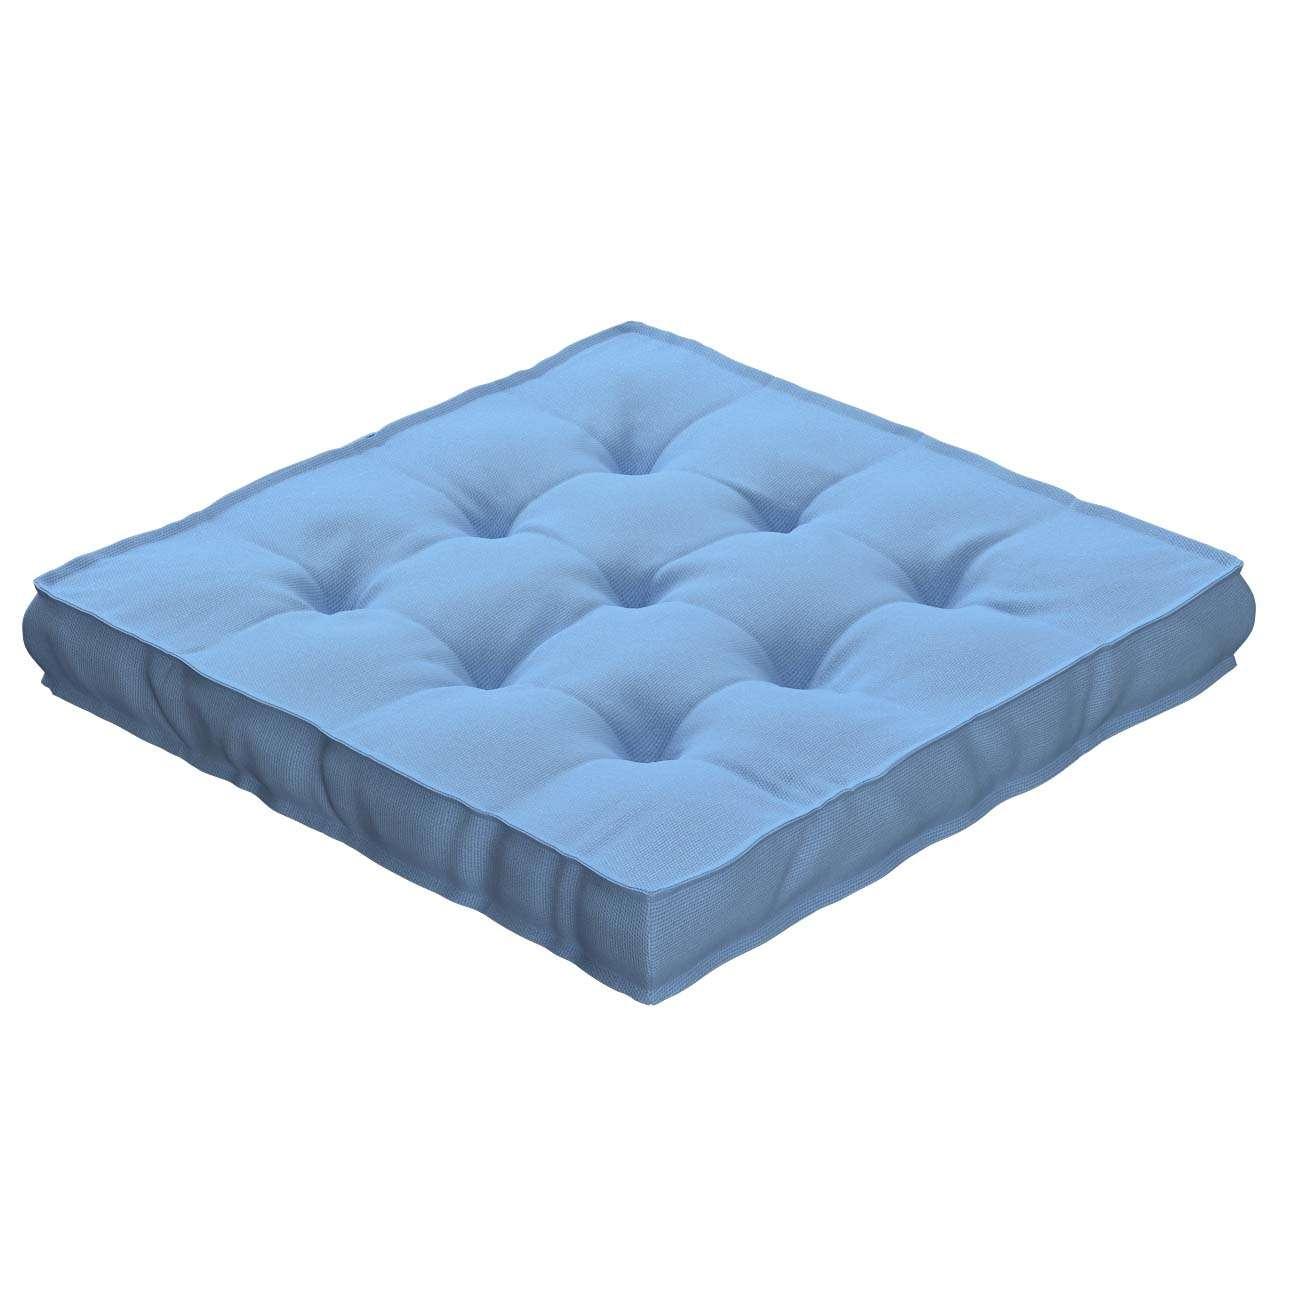 Pagalvėlė Kuba kėdei/ant grindų 40 x 40 x 6 cm kolekcijoje Loneta , audinys: 133-21